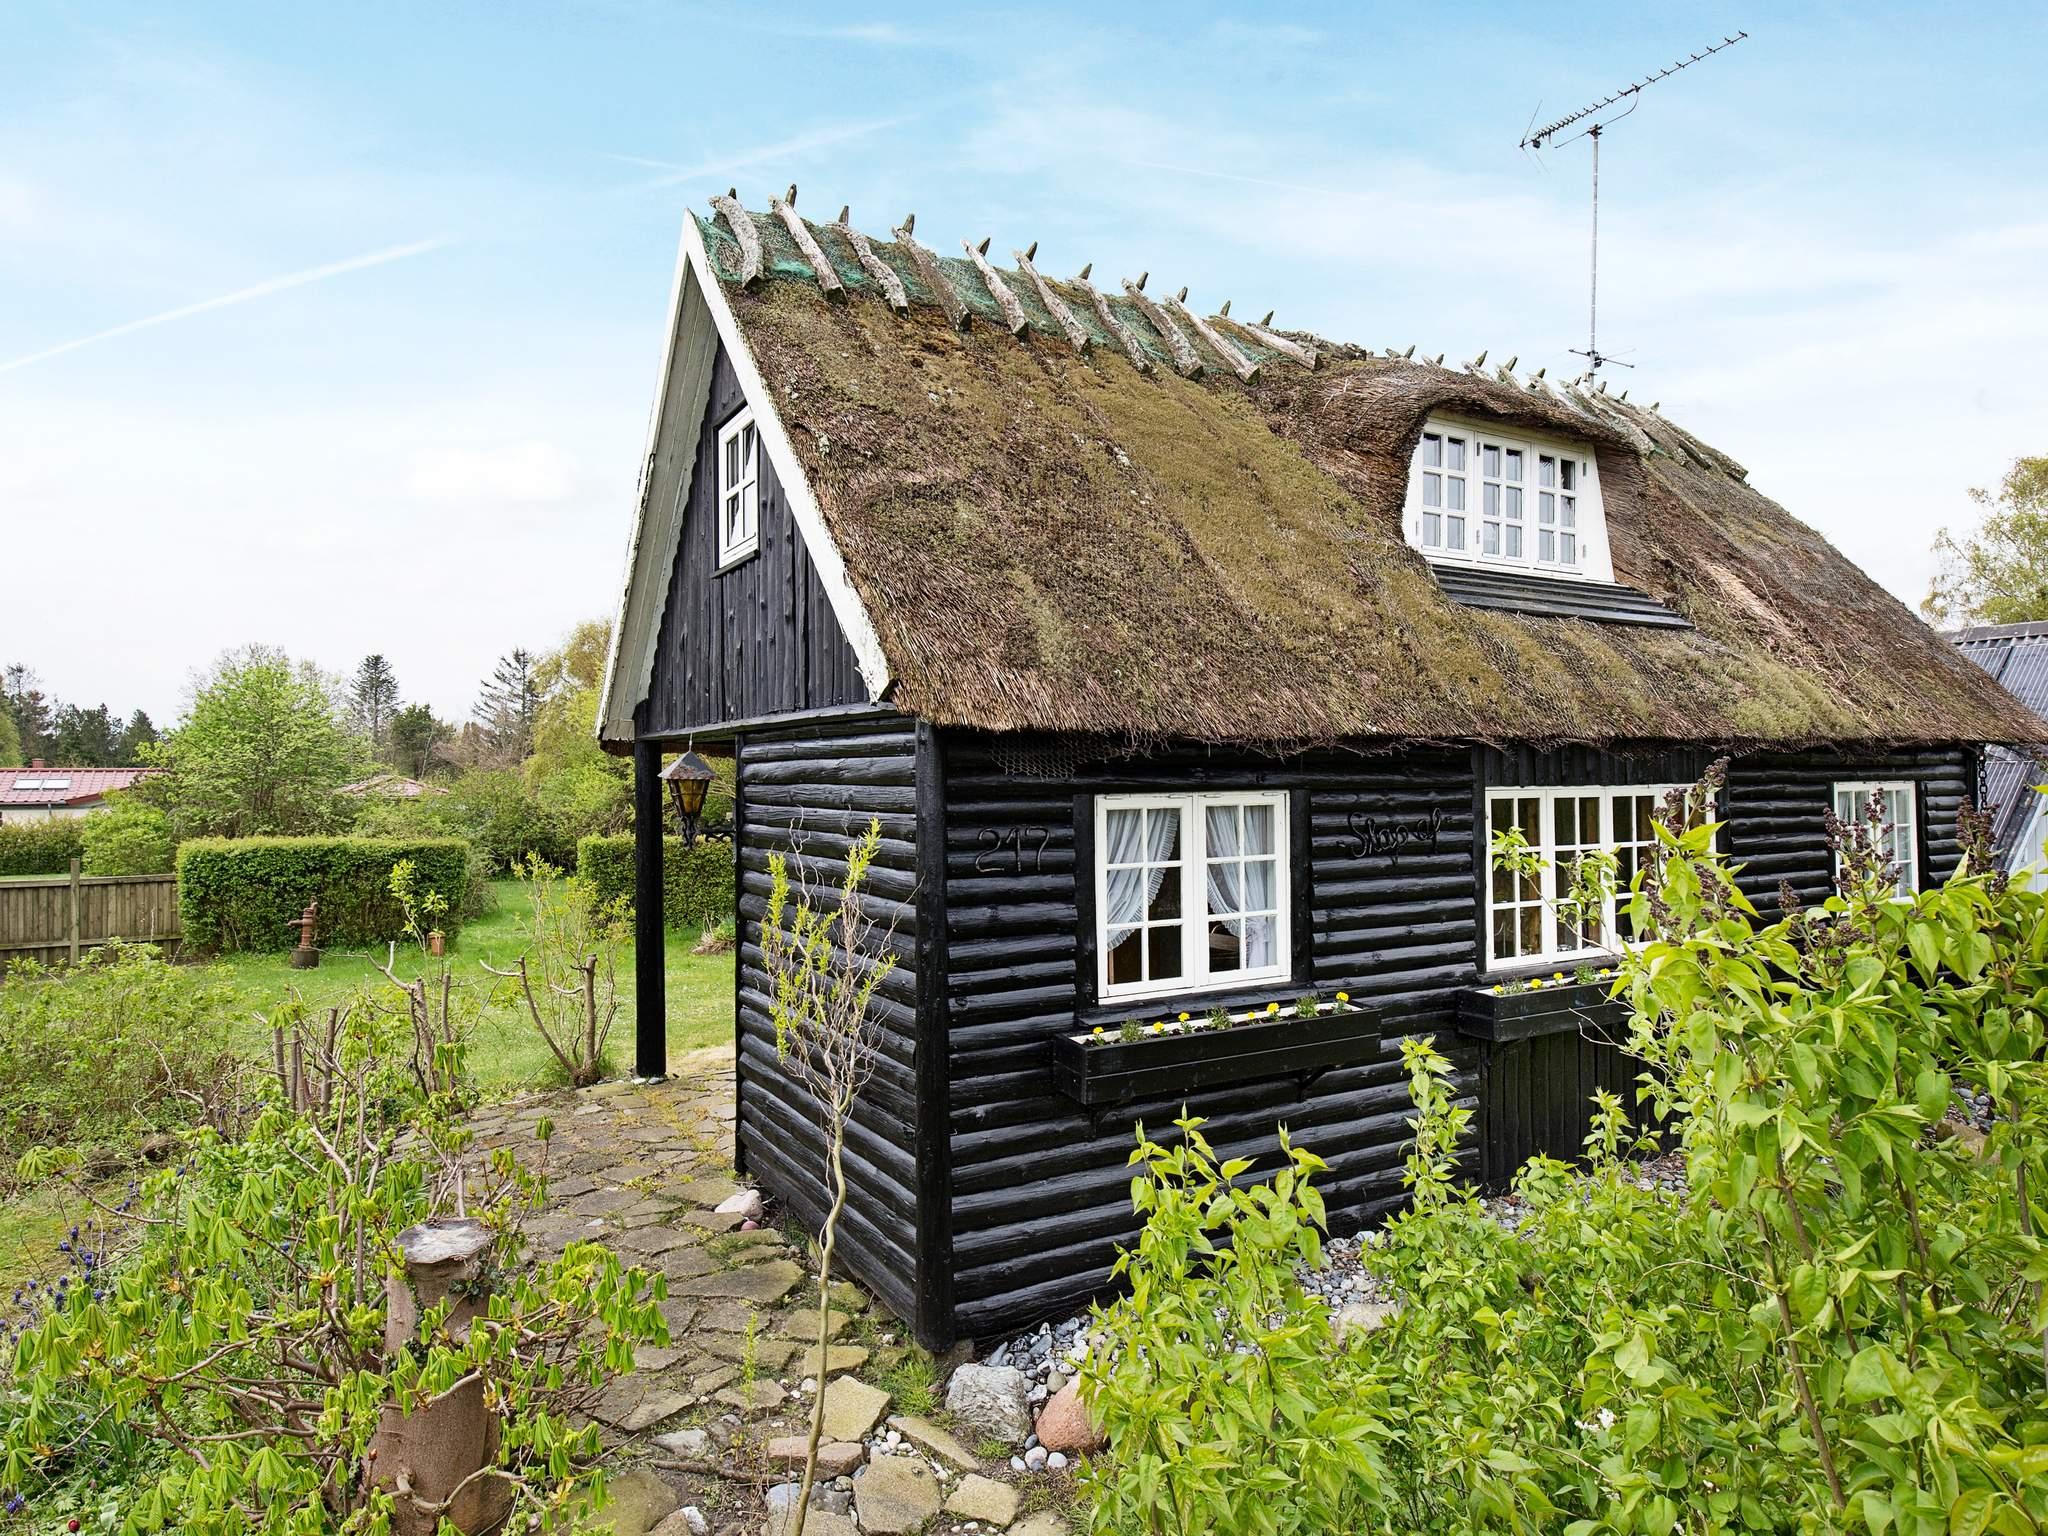 Ferienhaus Ulvshale (83468), Stege, , Møn, Dänemark, Bild 15